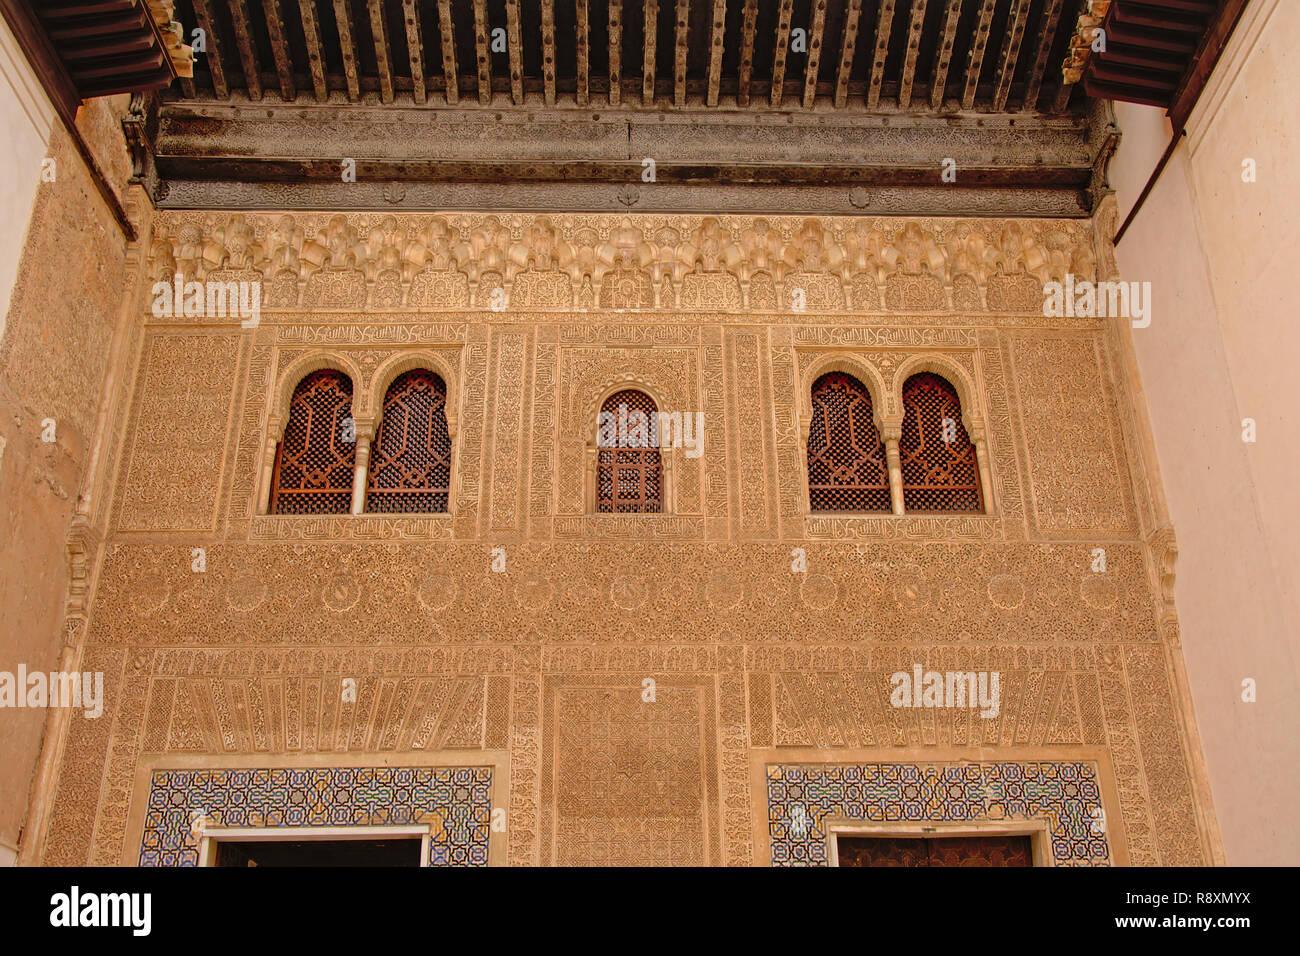 Pared con elaborar patrones decorativos y caligraphy orgánicos y ventanas con estrellas y otras formas, detalle del palacio nazarí , Alhambra, España Foto de stock